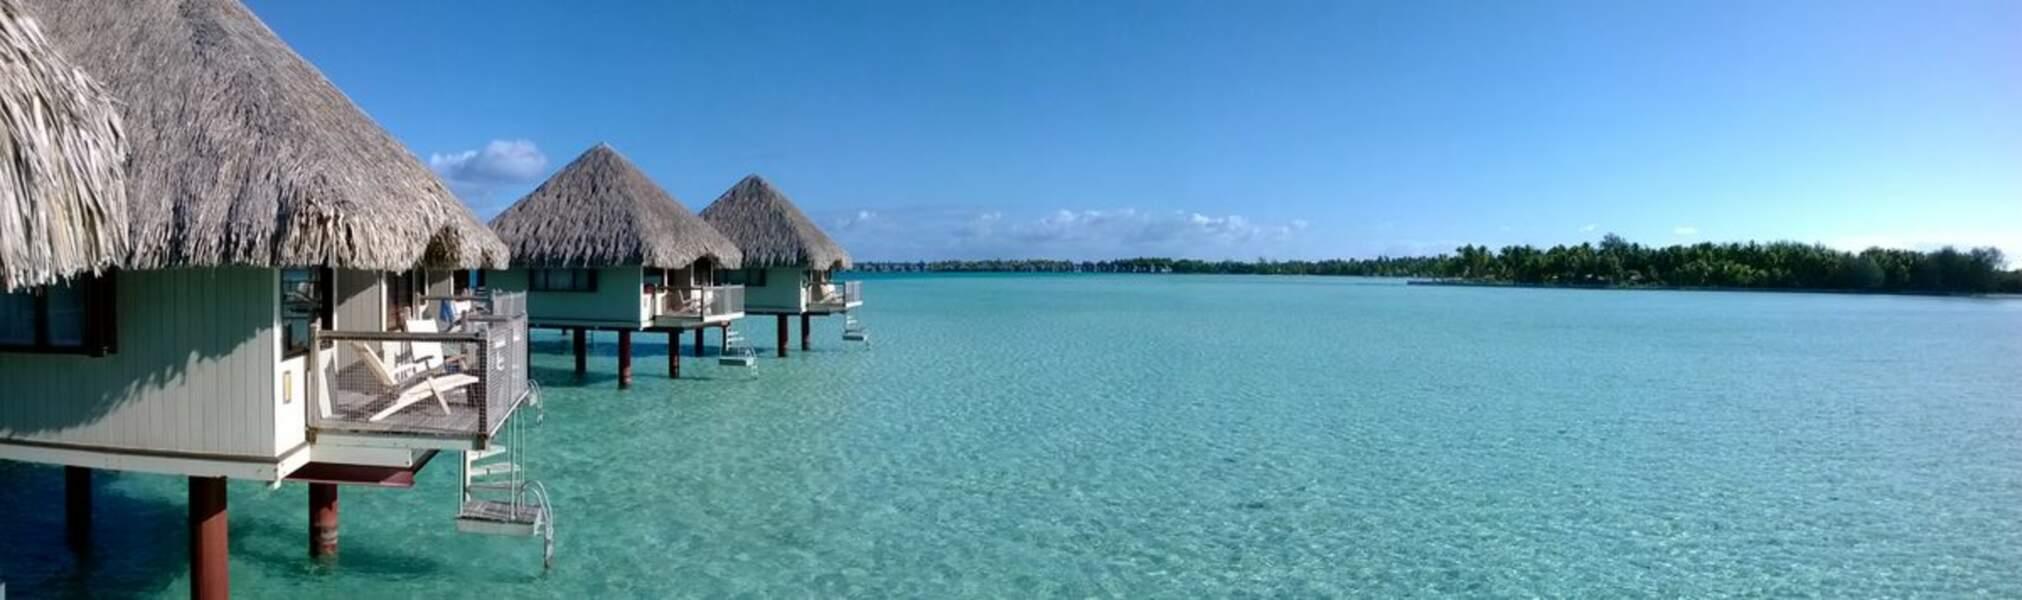 Paradis sur pilotis à Bora Bora, en Polynésie française